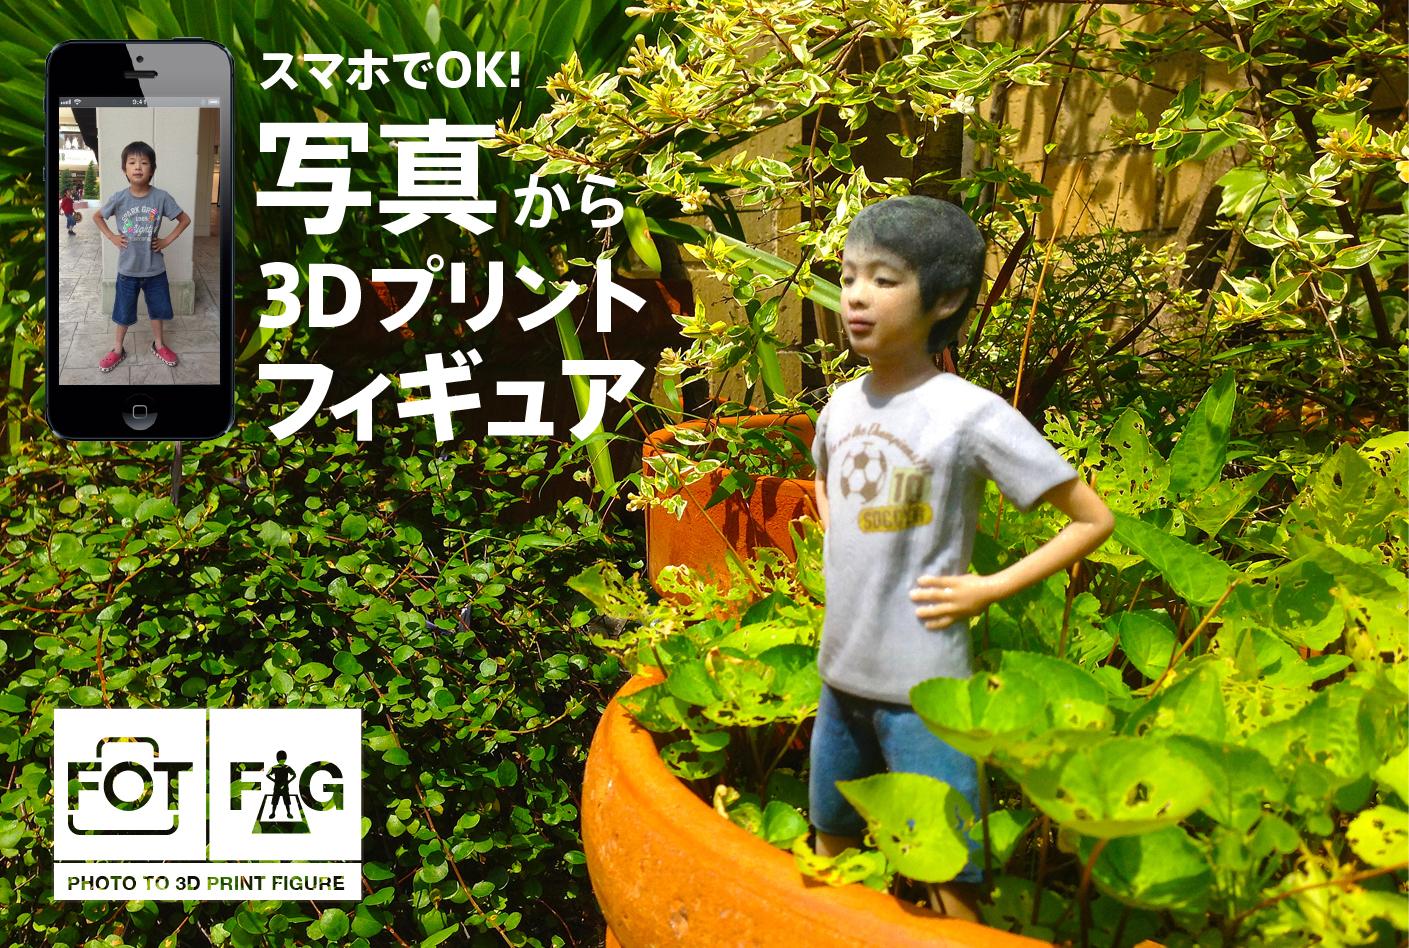 3Dフィギュアサービス フォトフィグ